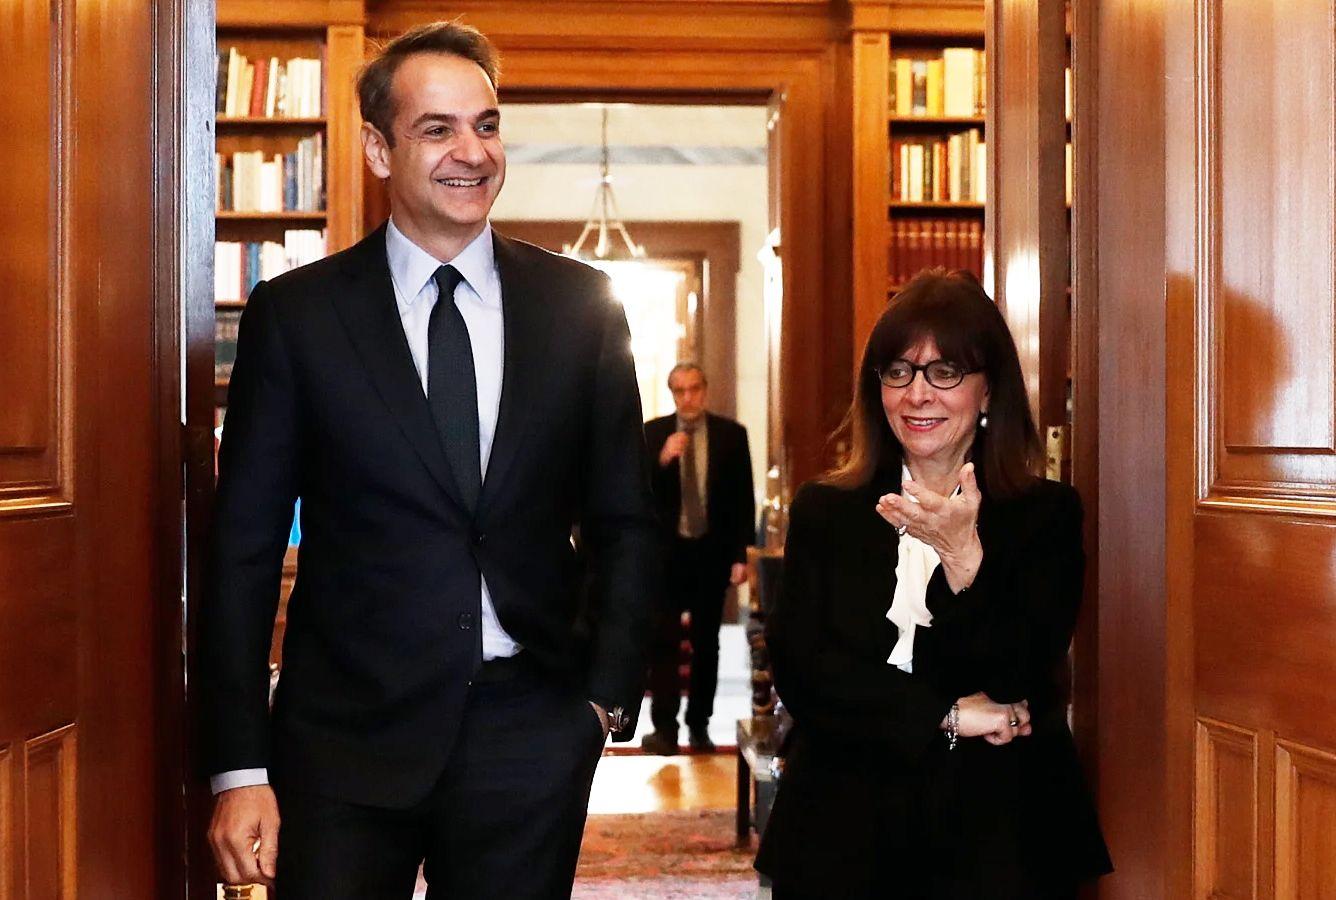 Χλίδα, Μεγαλεία και Master Chef για την Κατερίνα Σακελλαροπούλου στις σουίτες του Προεδρικού Μεγάρου με τον σύντροφό της